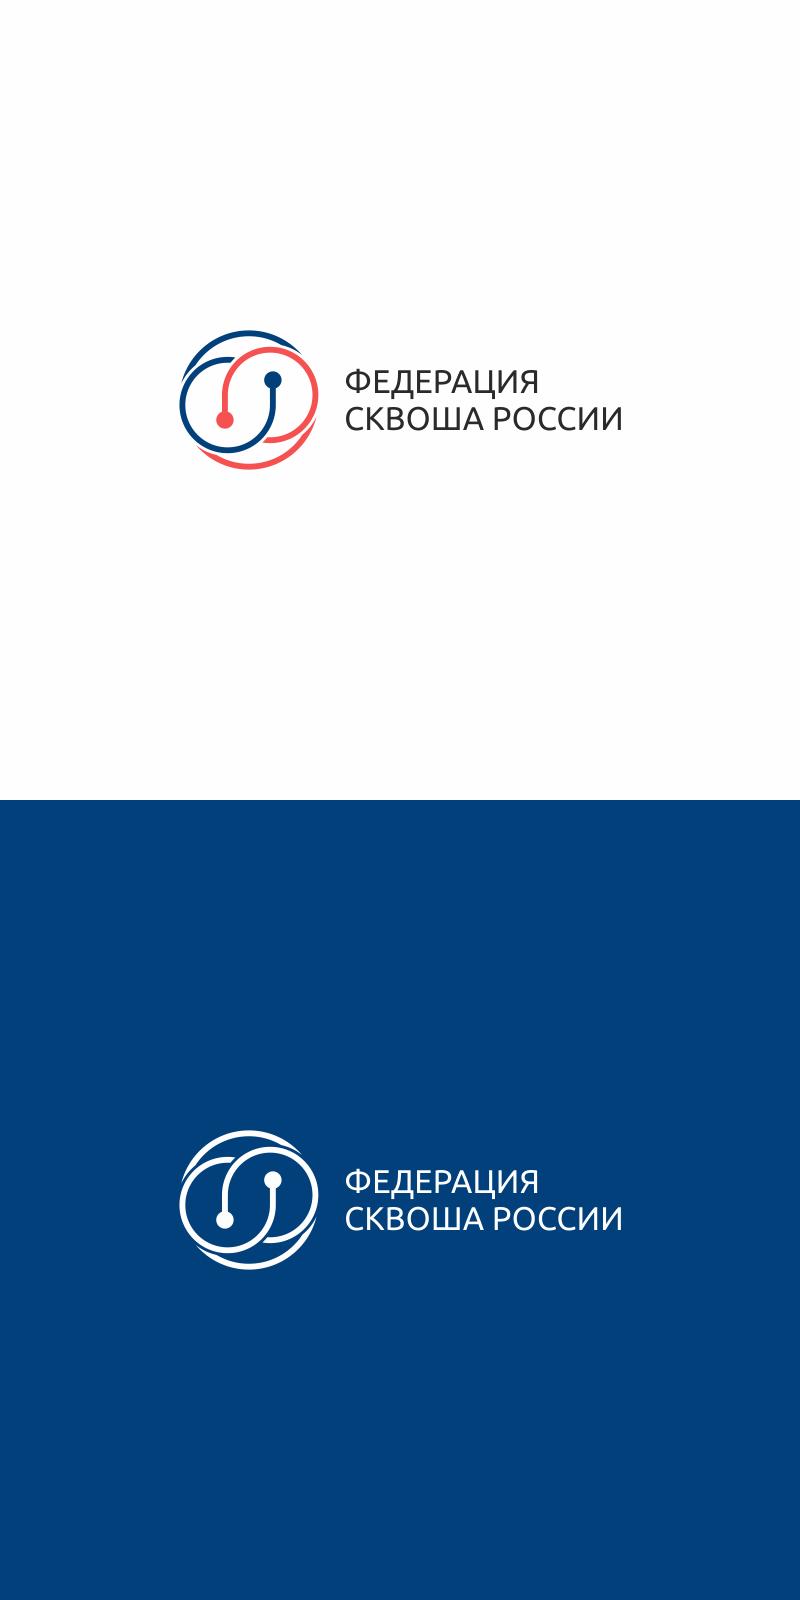 Разработать логотип для Федерации сквоша России фото f_4655f396faf59dec.png